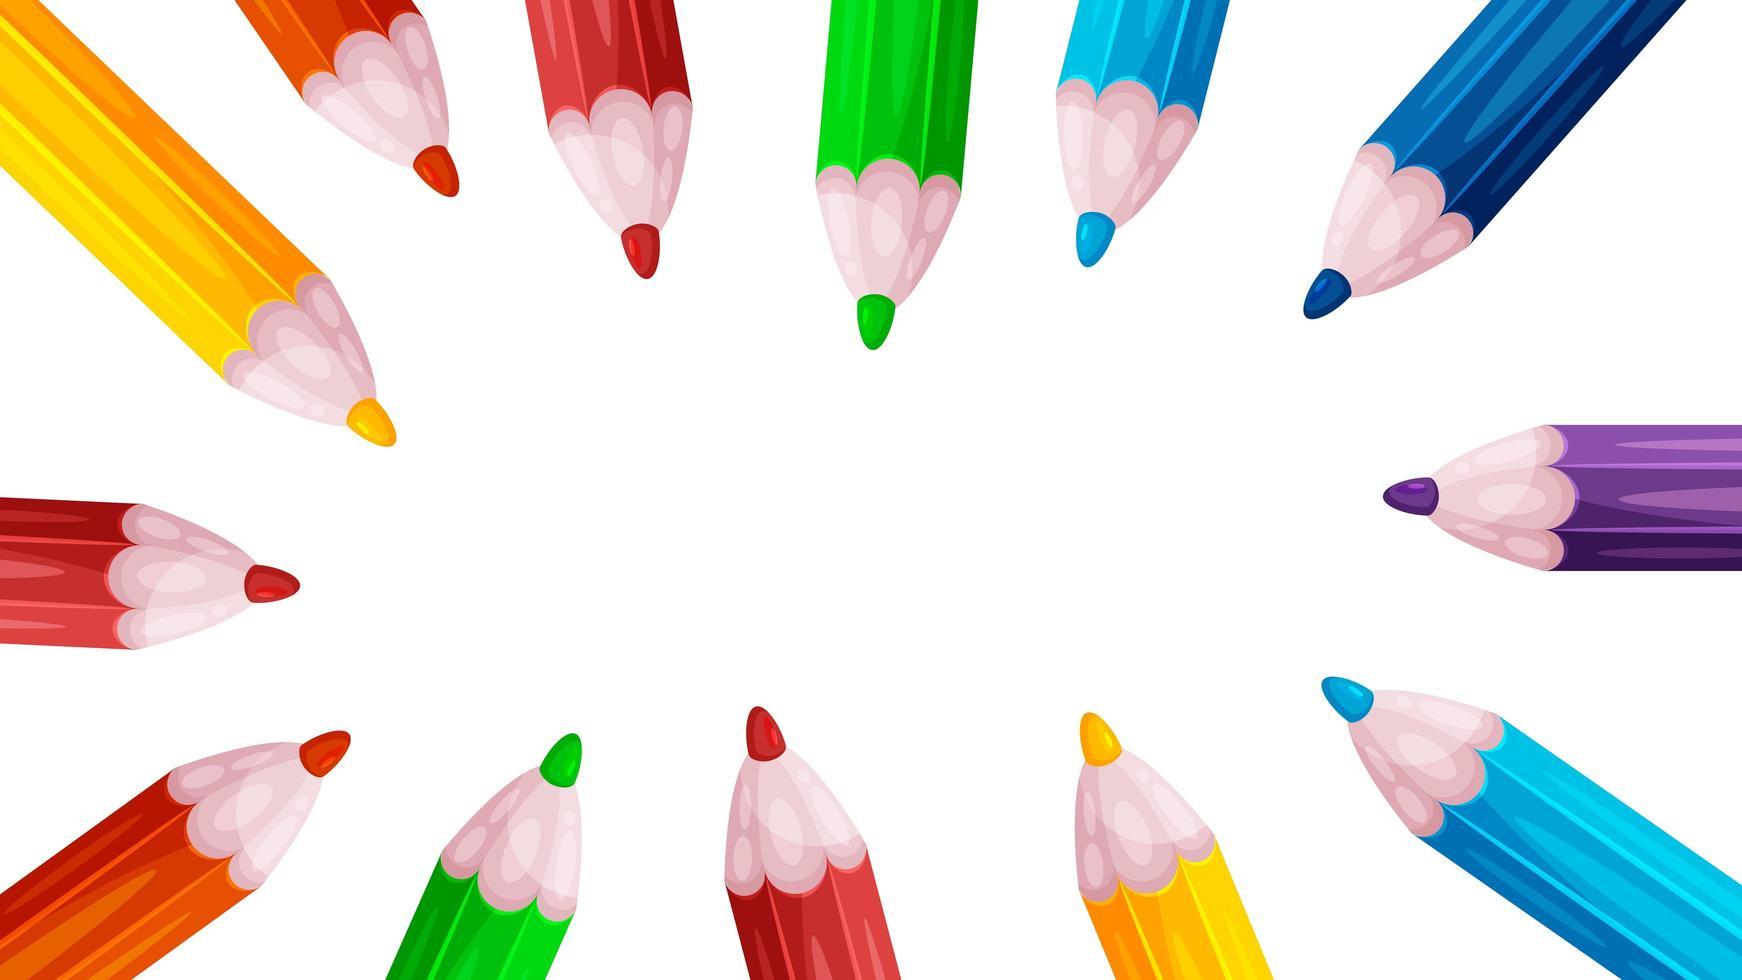 sfondo di matite colorate vettore